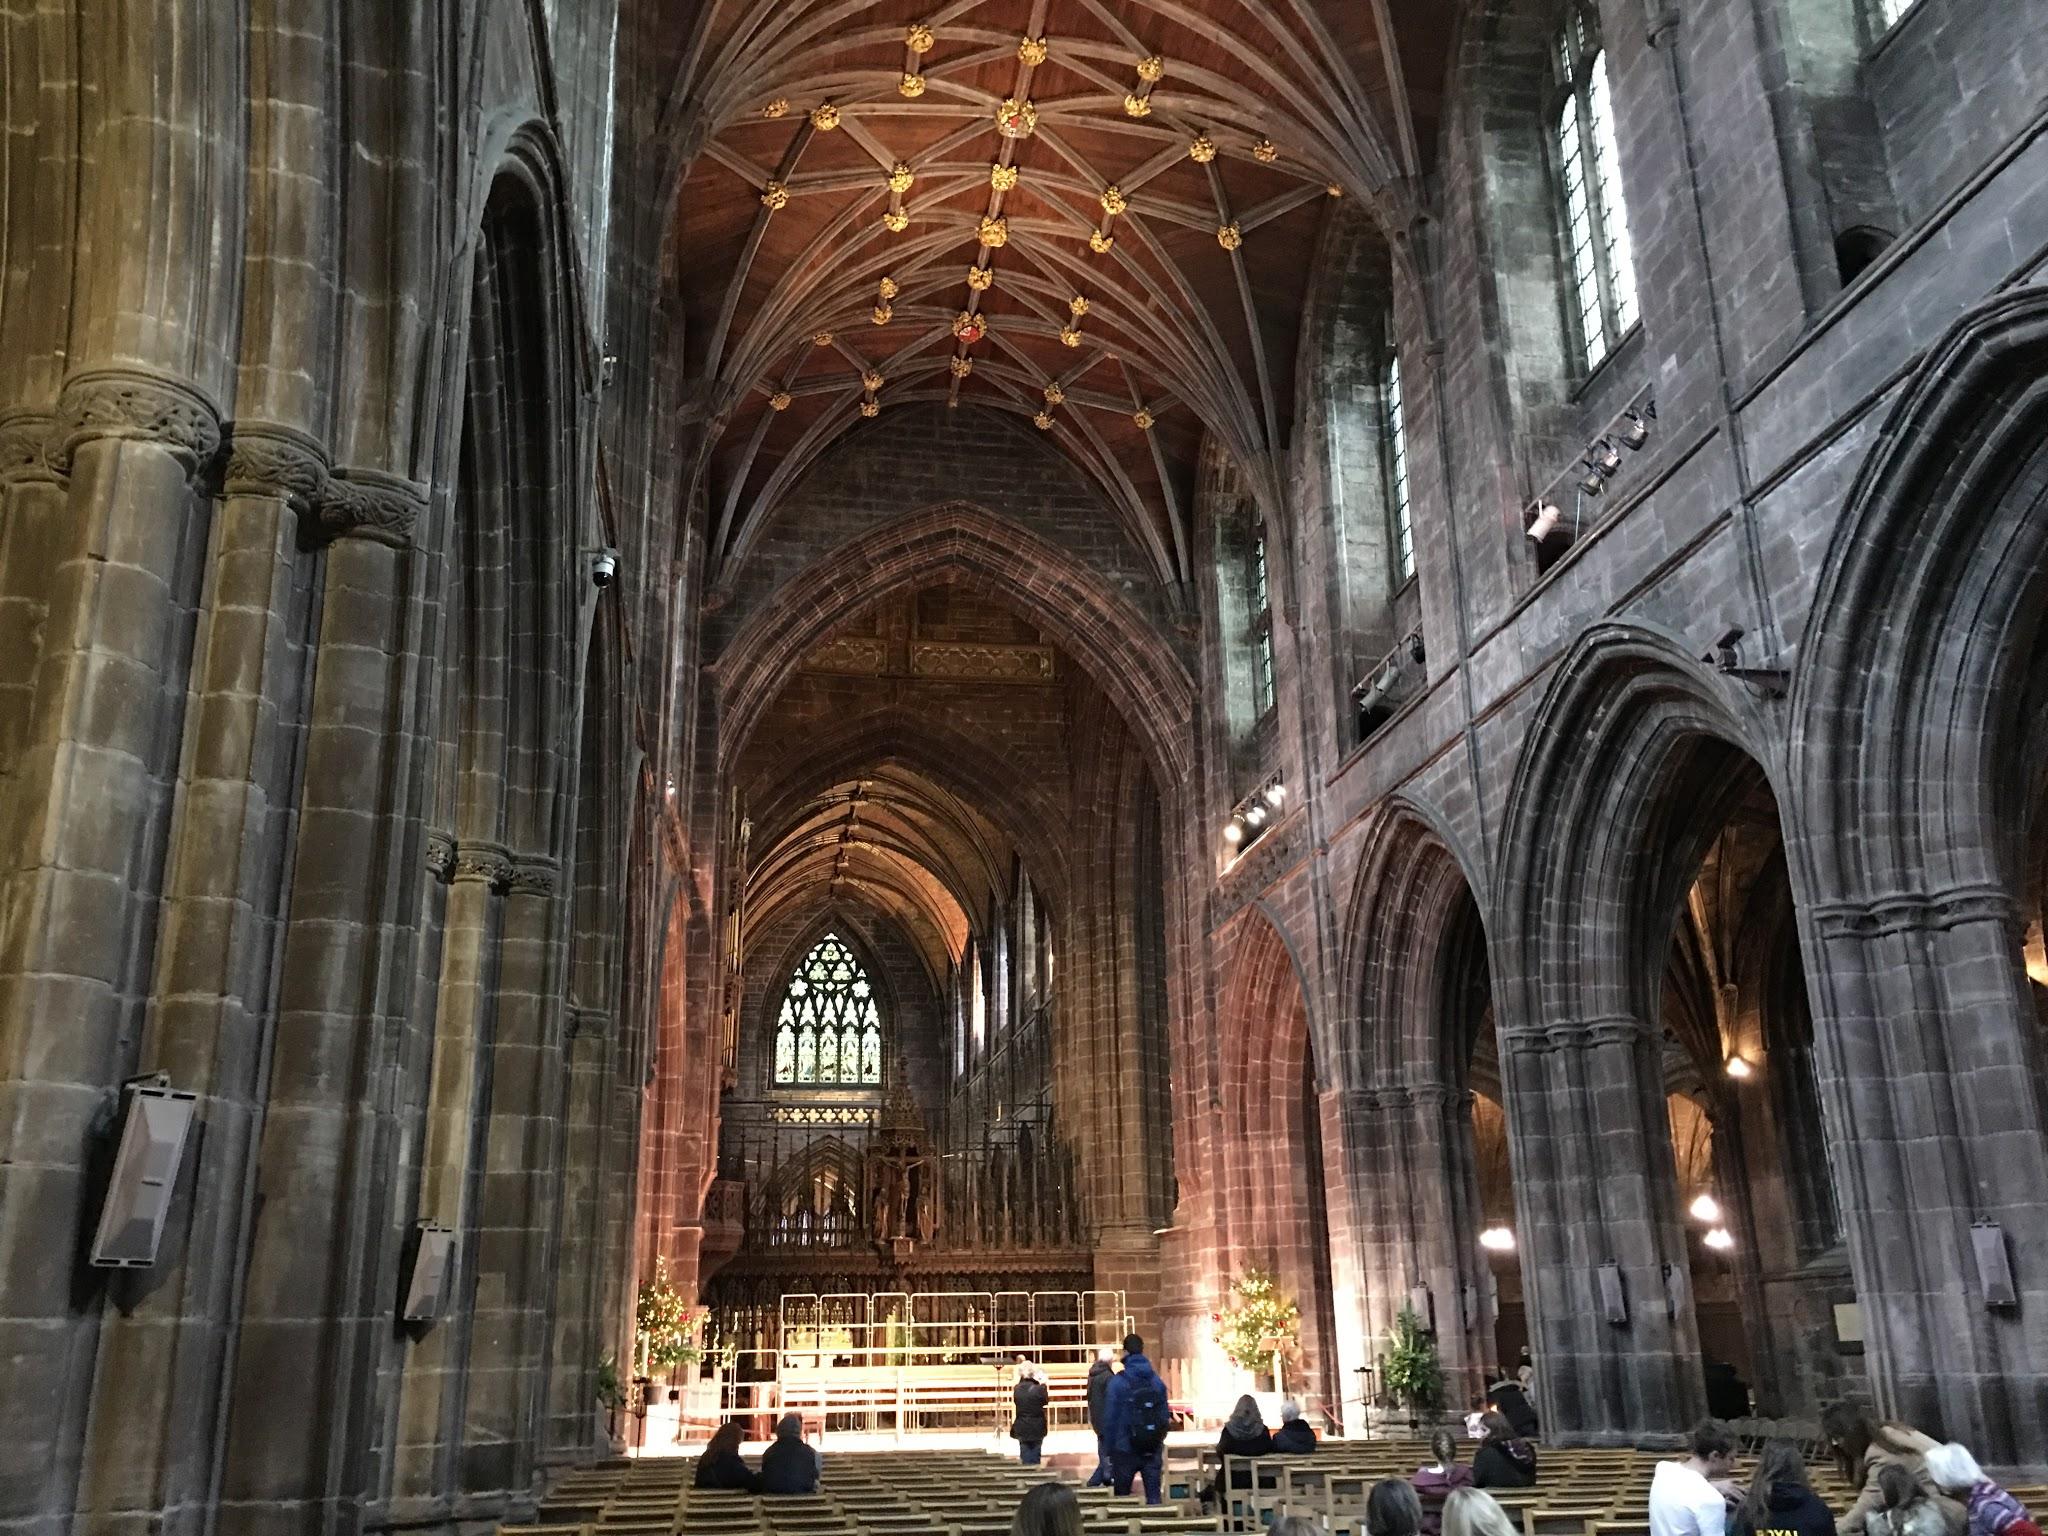 Catedral normanda de Chester en las Midlands de Inglaterra